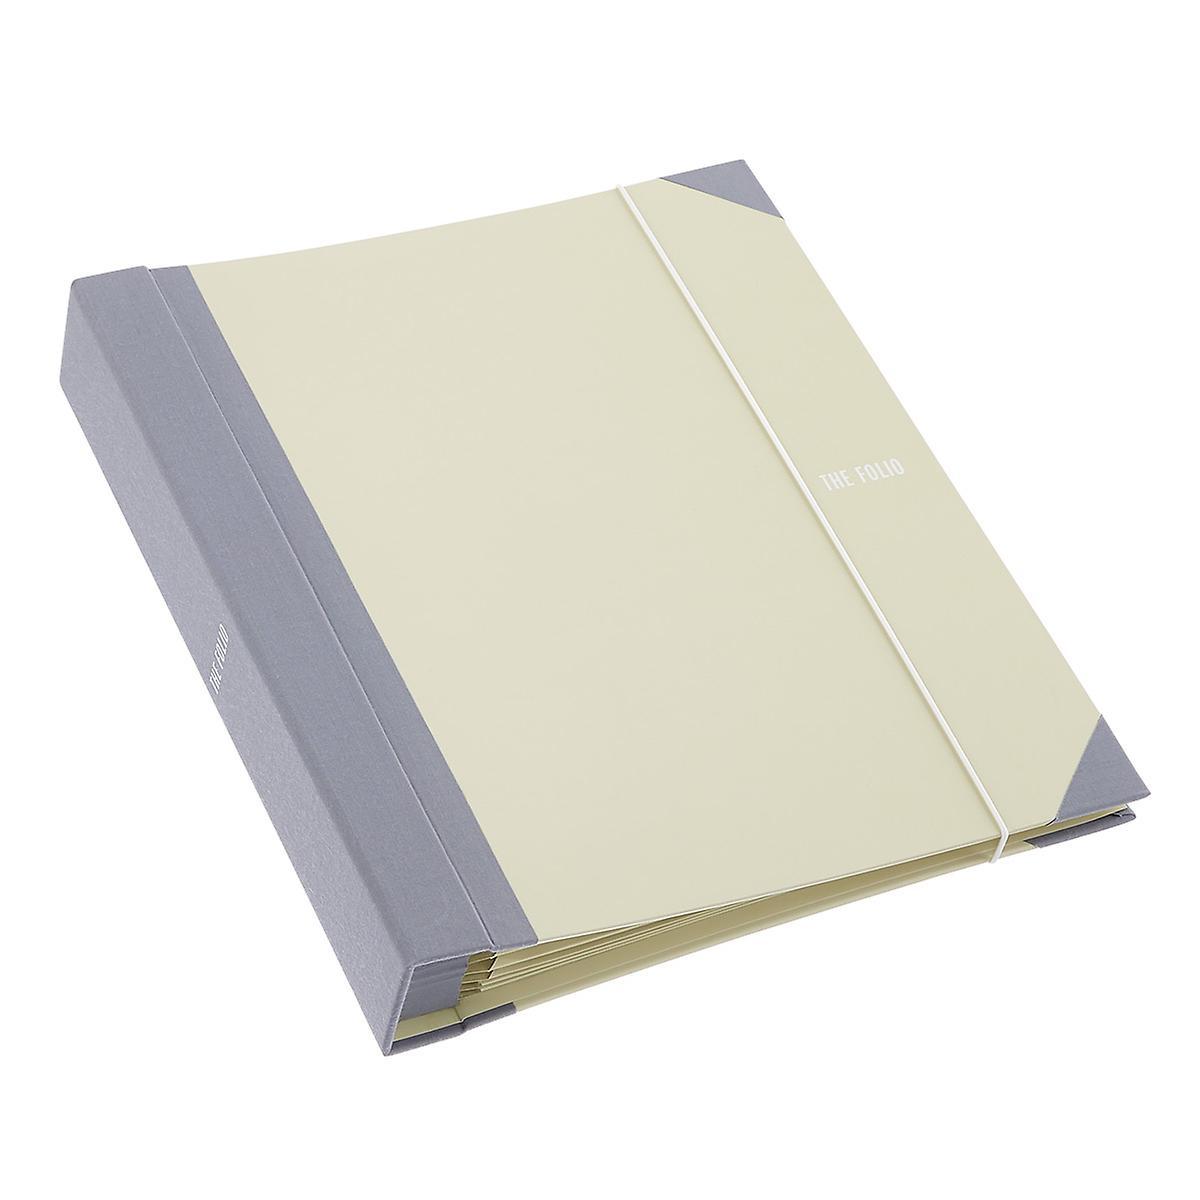 Savor Neutral Folio Document Organizer